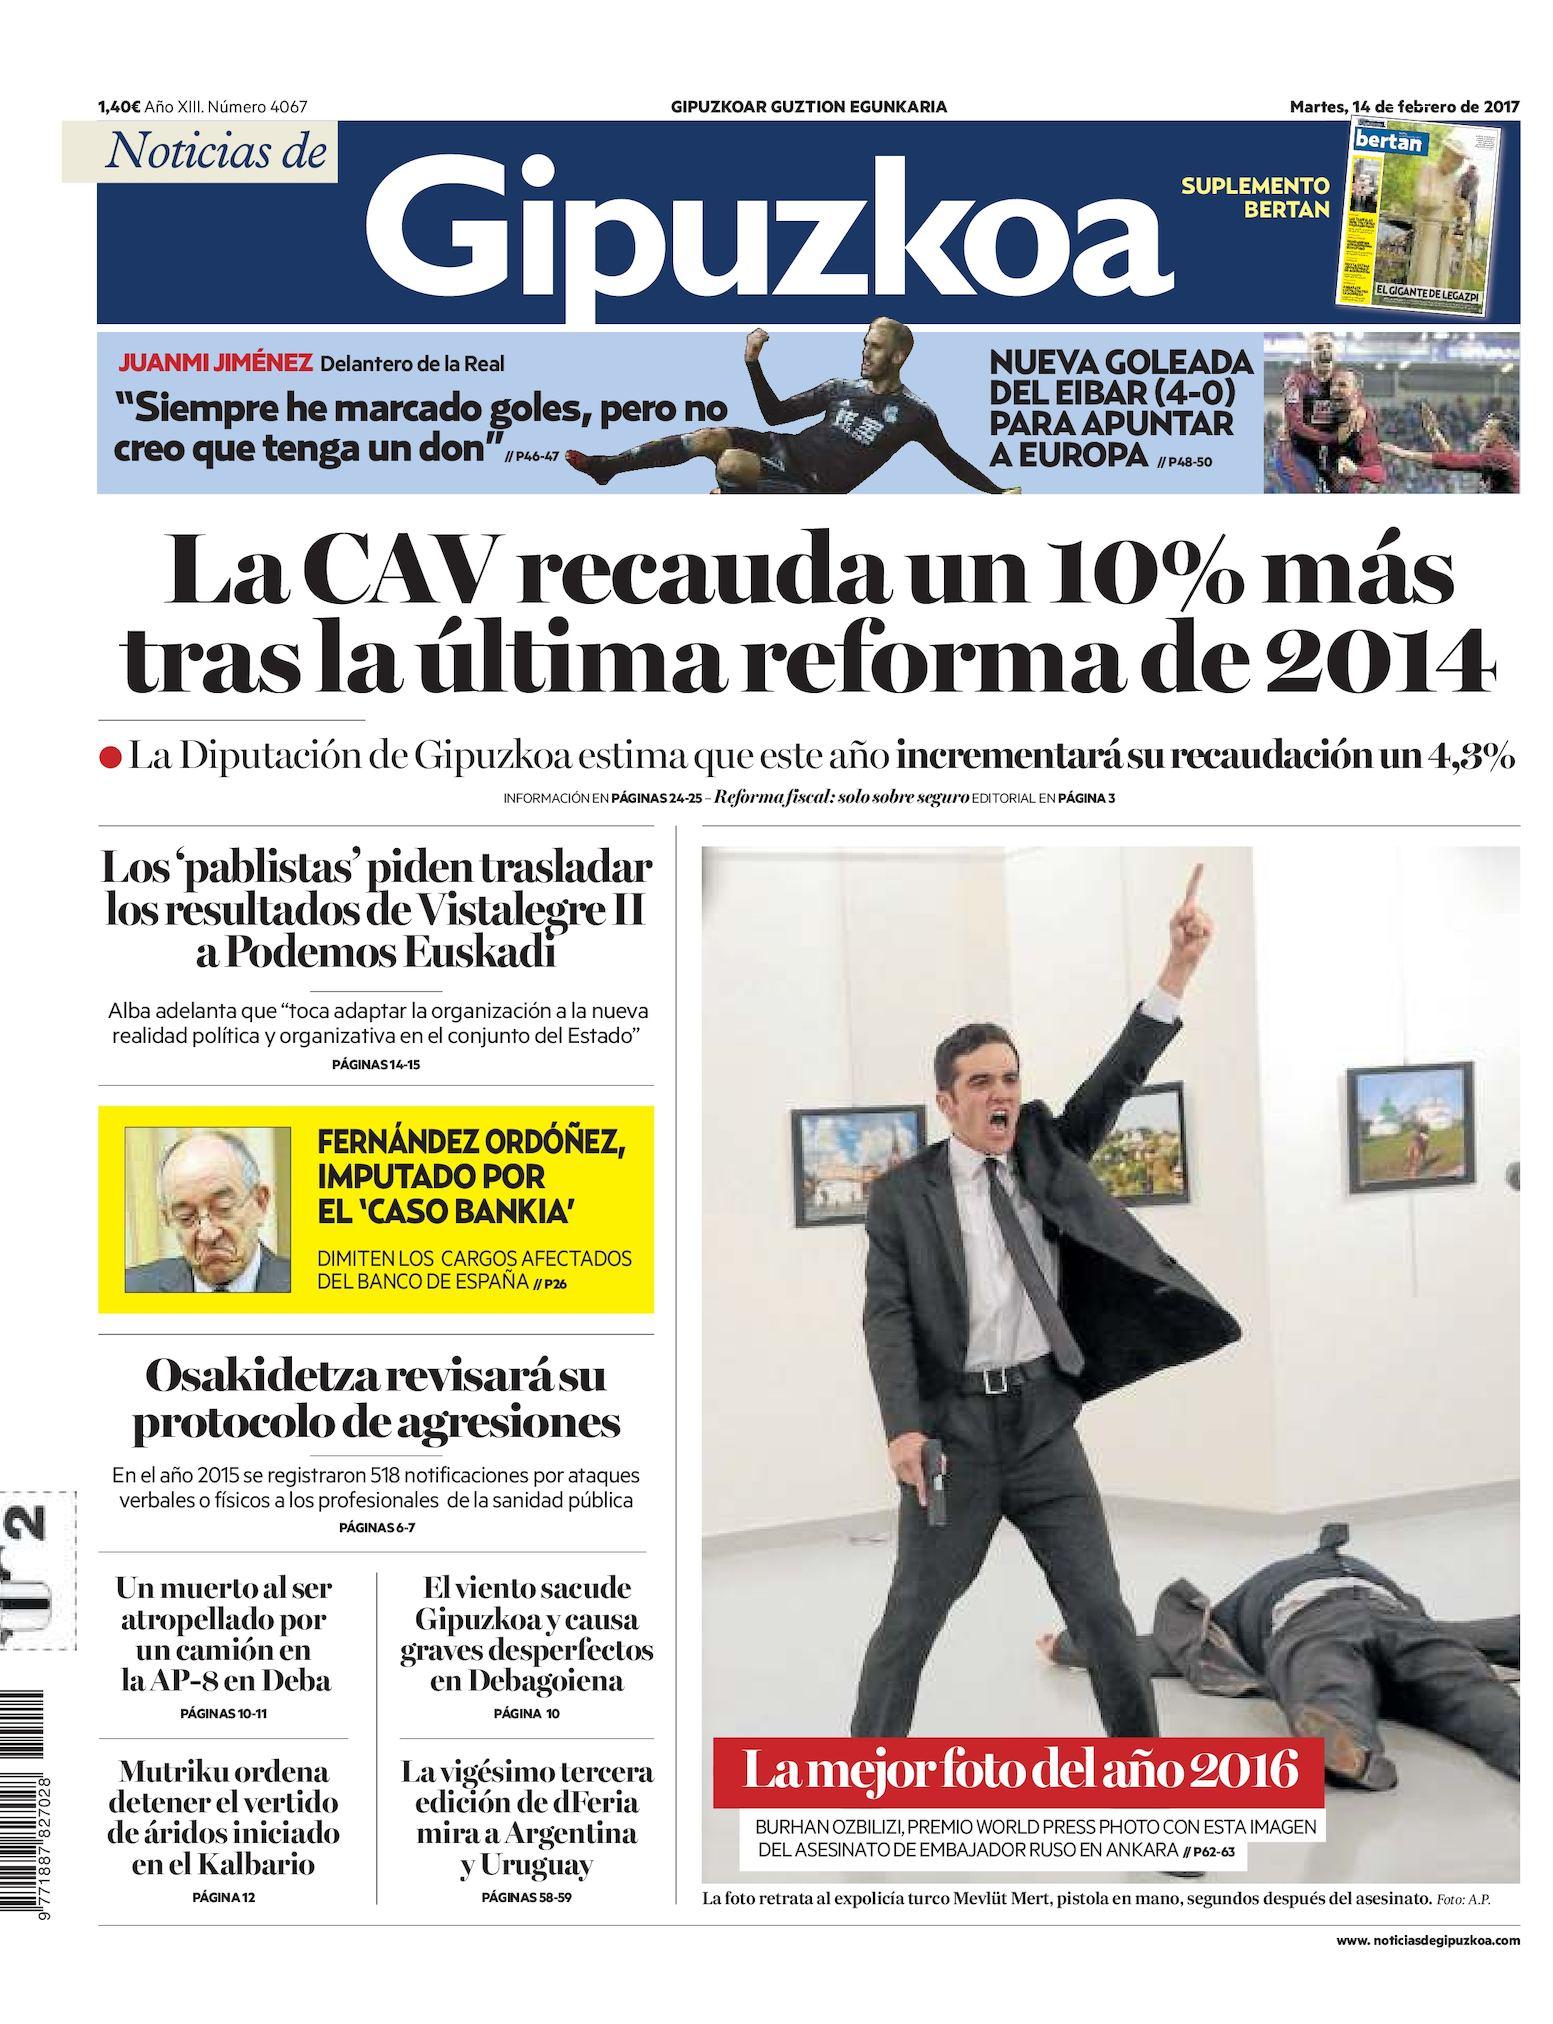 Alba De Silva Actriz Porno El Reflejo Del Vicio calaméo - noticias de gipuzkoa 20170214